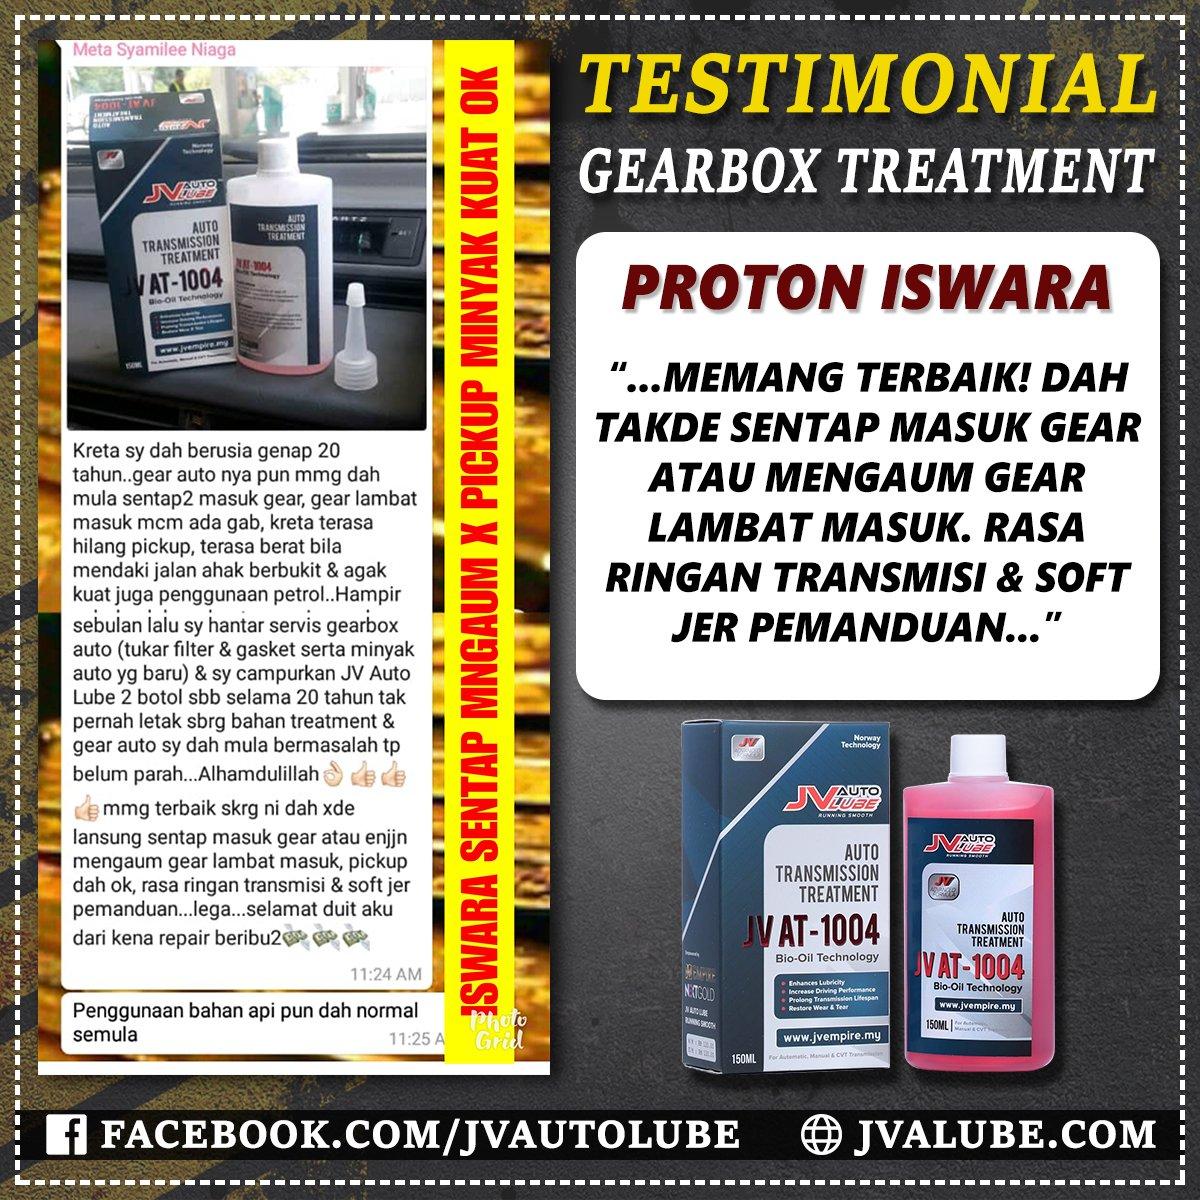 Testimoni AT 056 - Proton Iswara